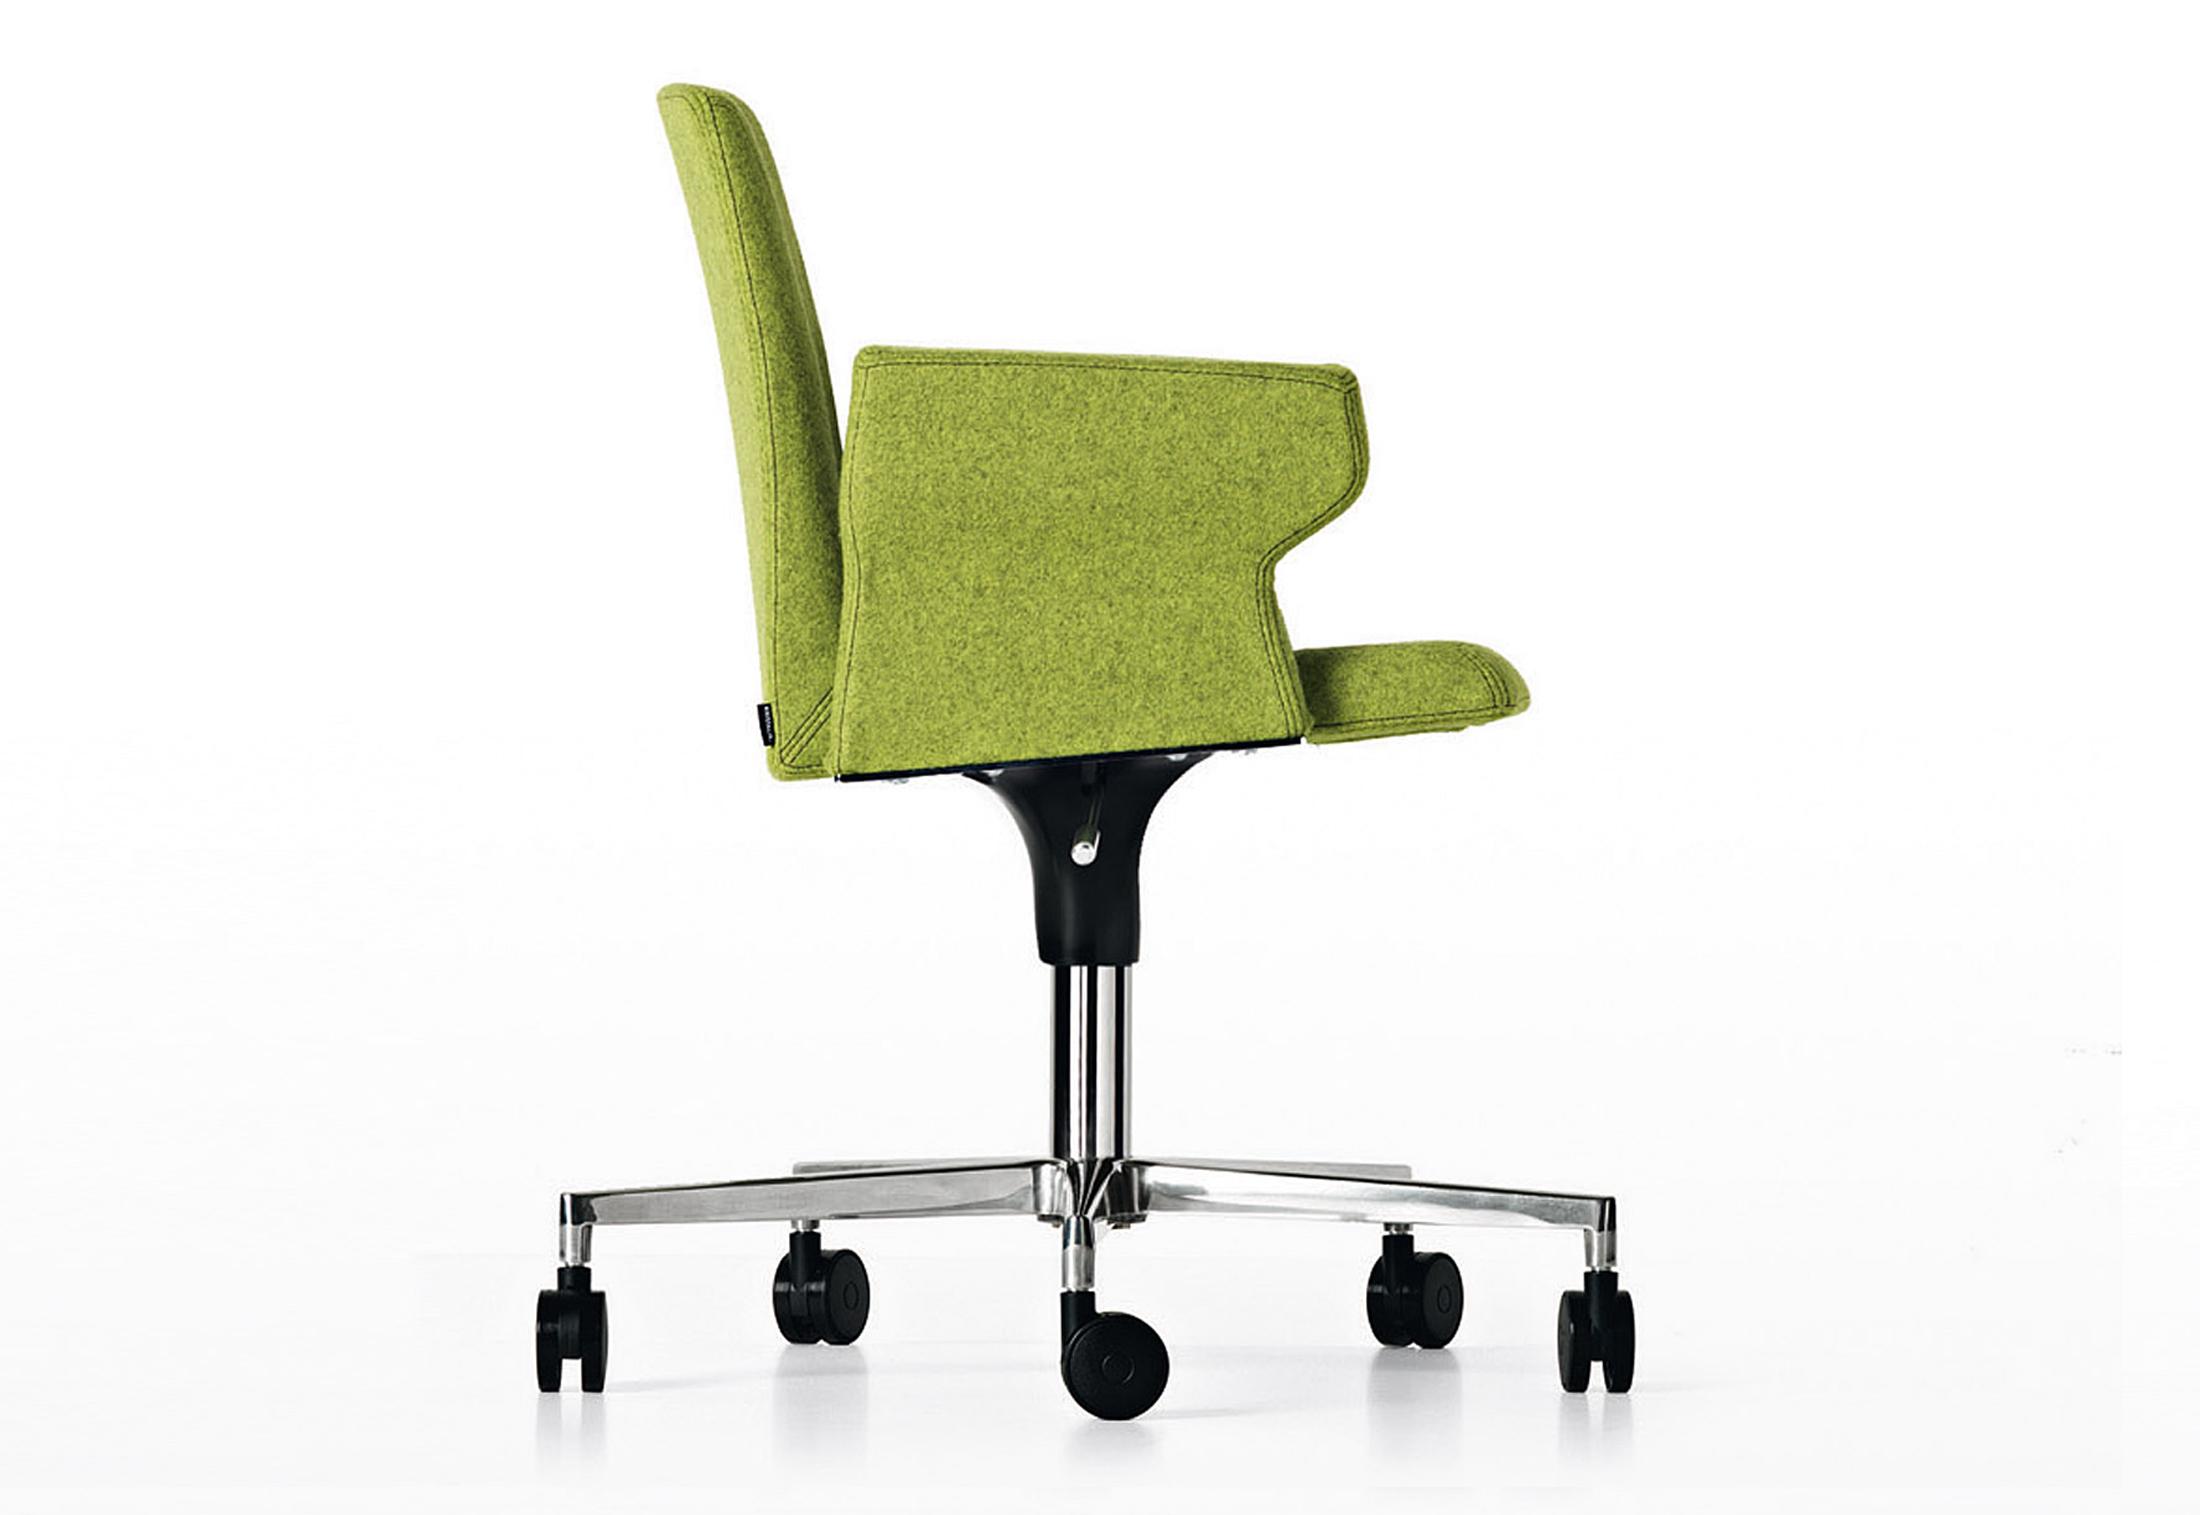 Plate swivel chair on wheels by Kristalia  STYLEPARK